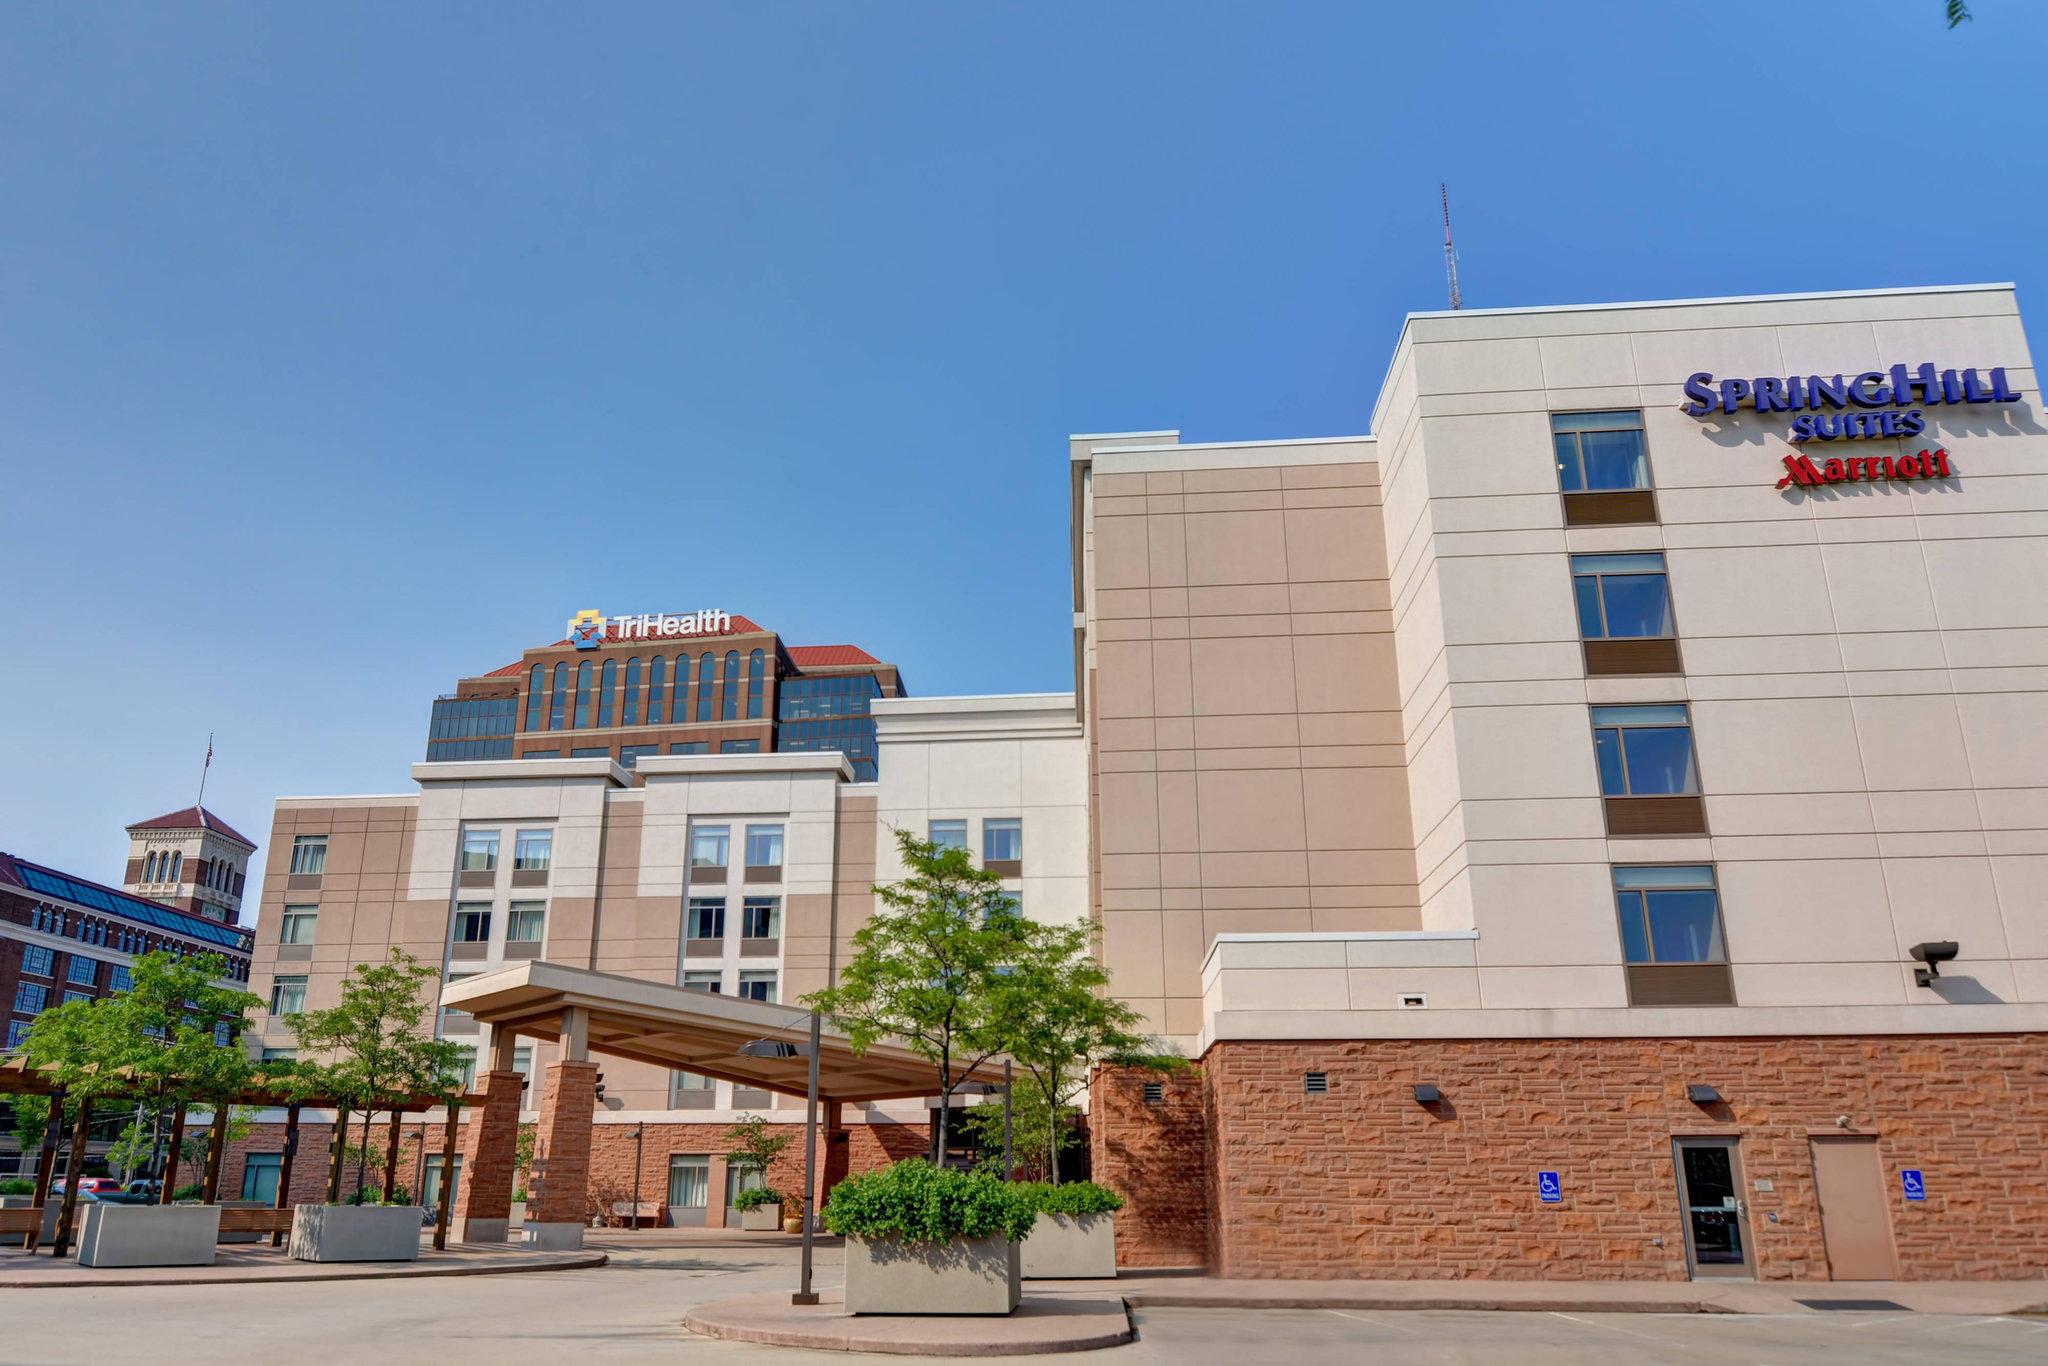 SpringHill Suites by Marriott Cincinnati Midtown